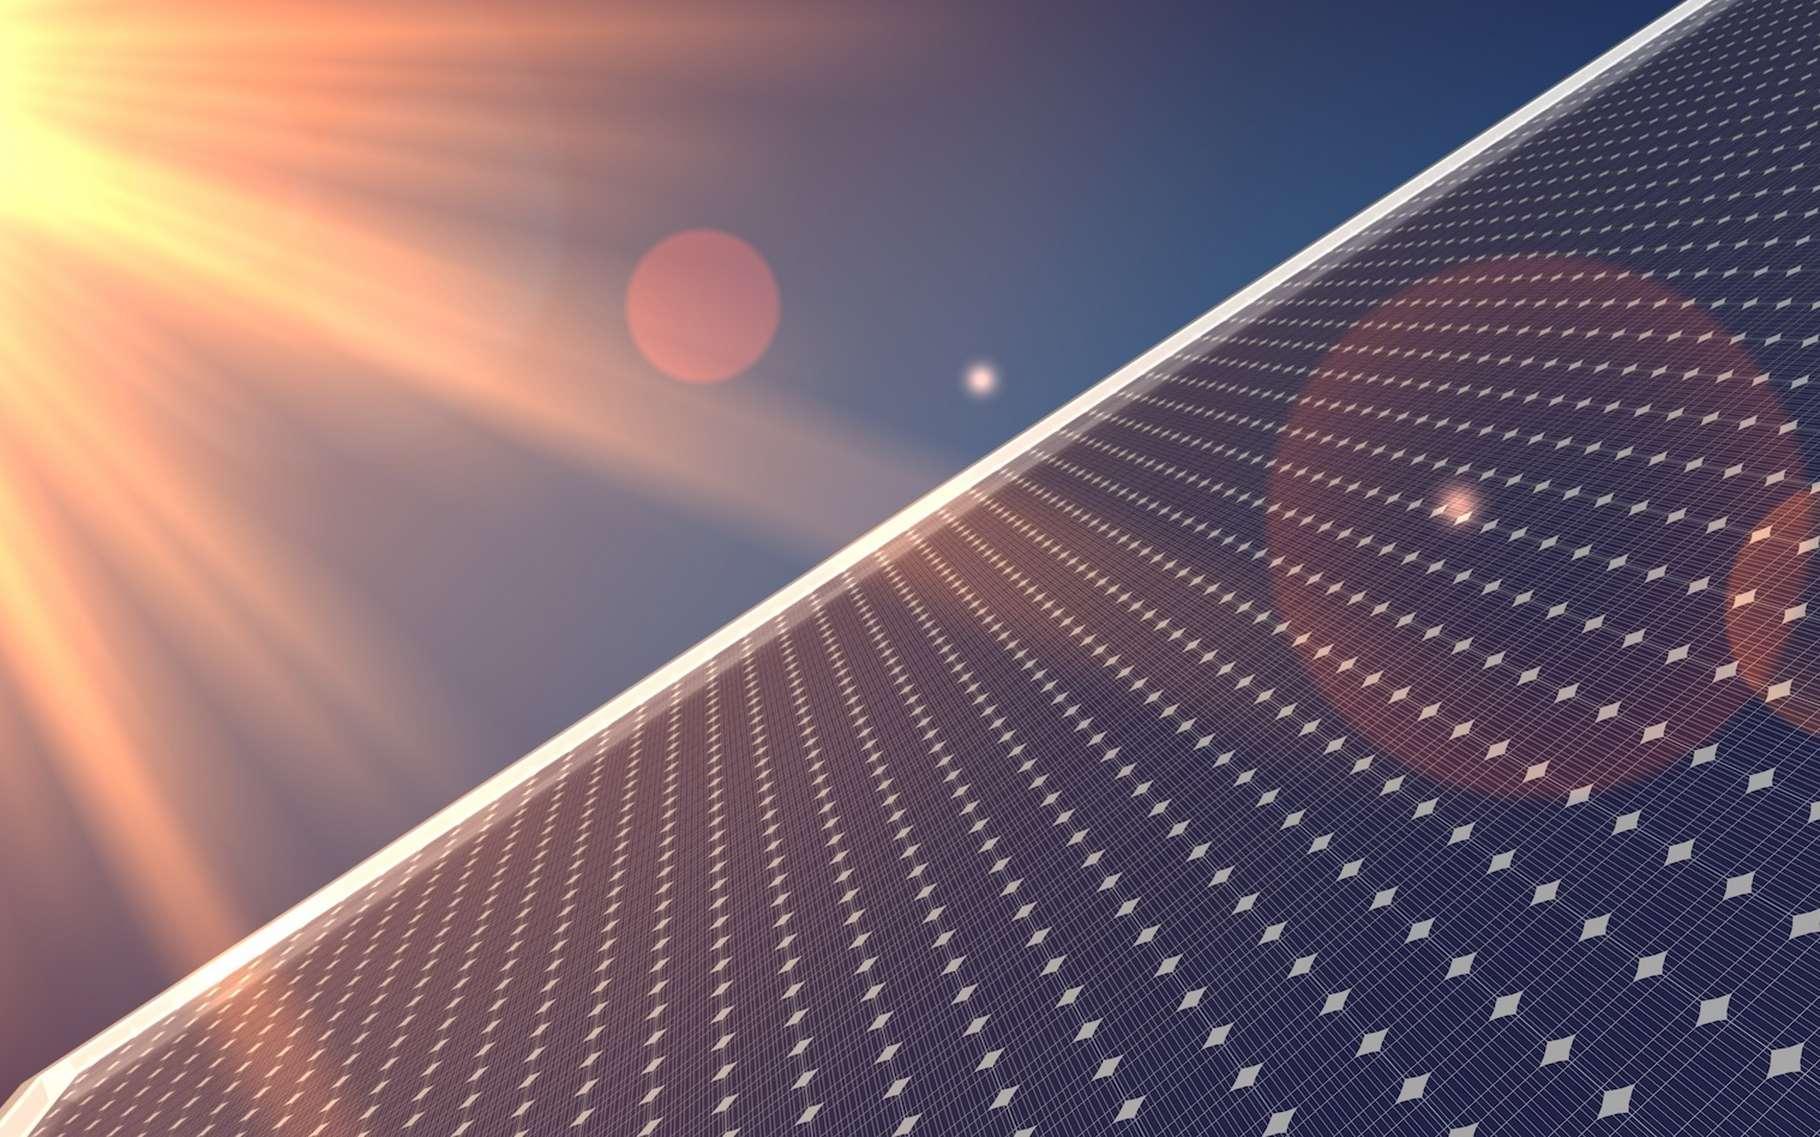 L'énergie solaire photovoltaïque est une énergie renouvelable et verte produite à partir de photons émis par le Soleil. © vegefox.com, Adobe Stock